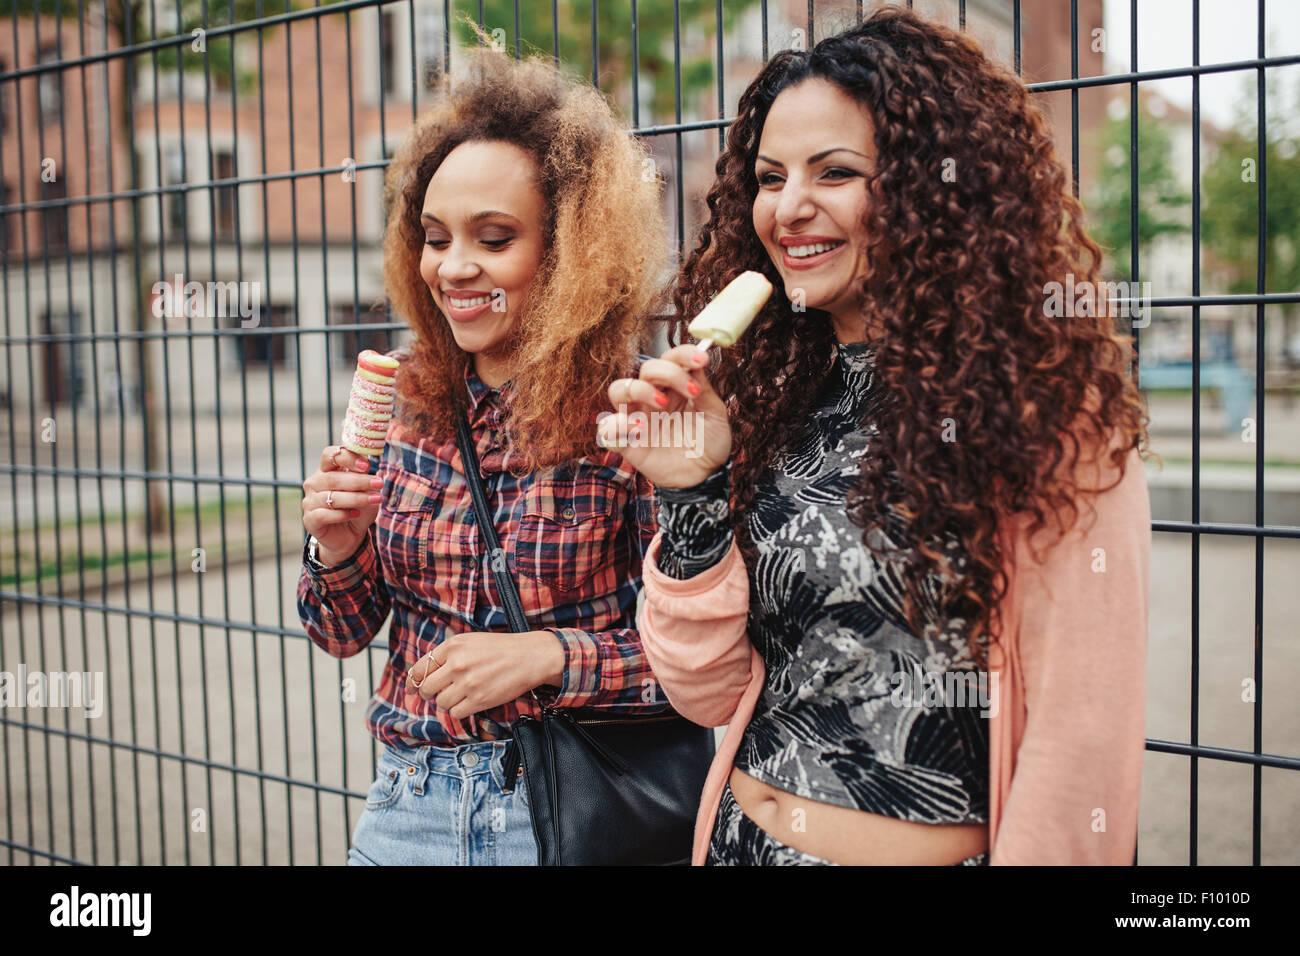 Allegro ragazze giovani mangiando caramelle gelati. Due giovani donne in piedi contro un recinto sorridente, all'esterno. Immagini Stock